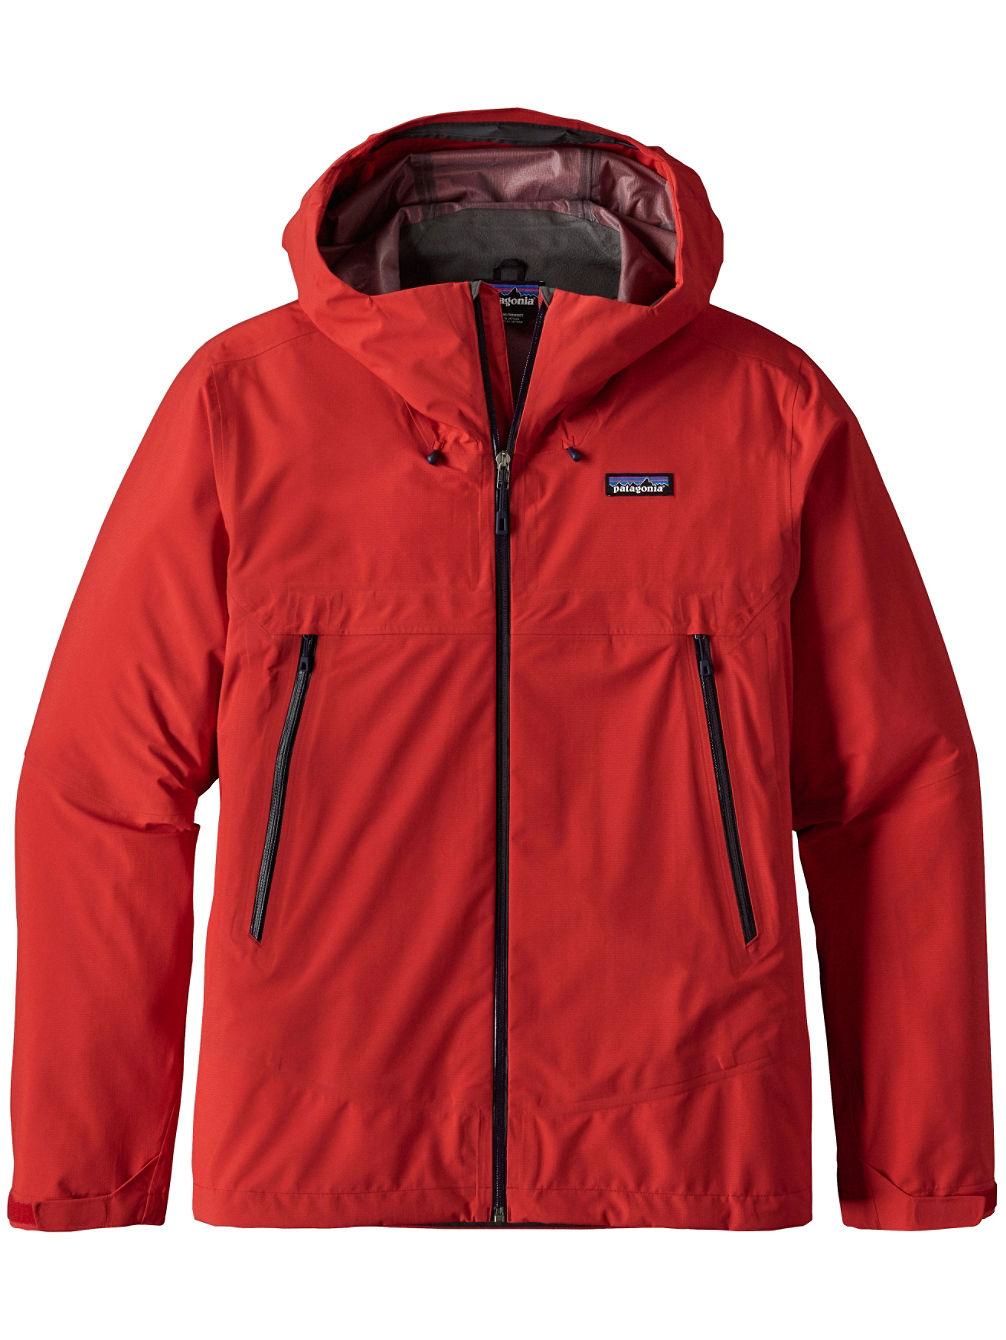 patagonia-cloud-ridge-jacket